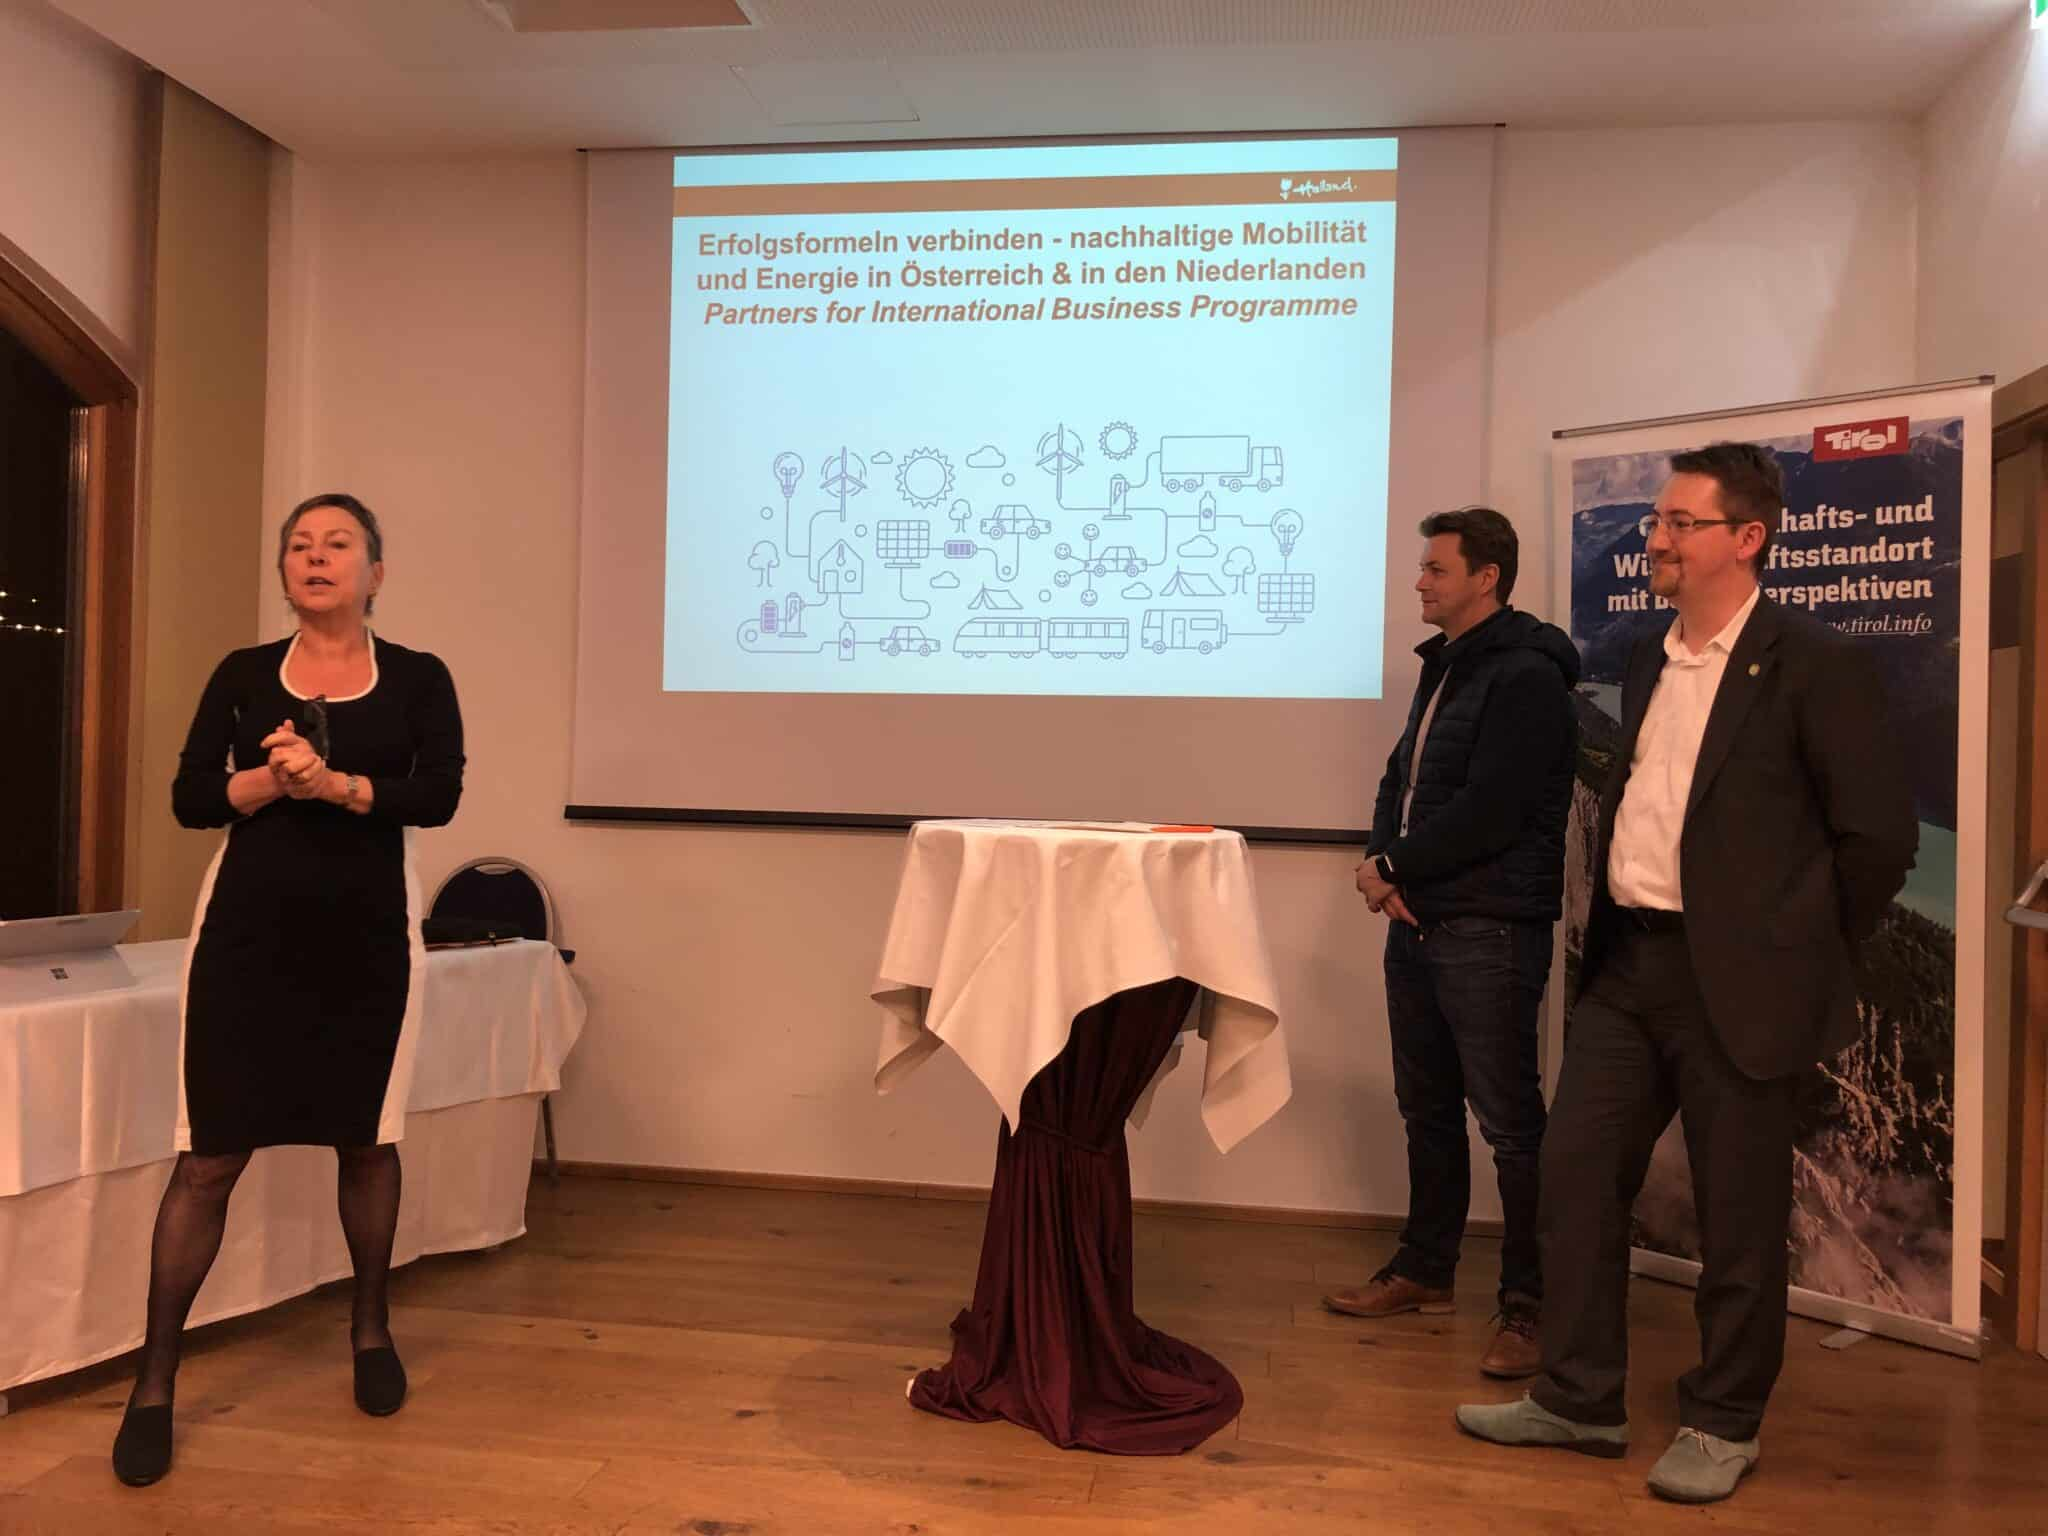 EMC tritt Partnerschaft mit Niederlanden bei » image6